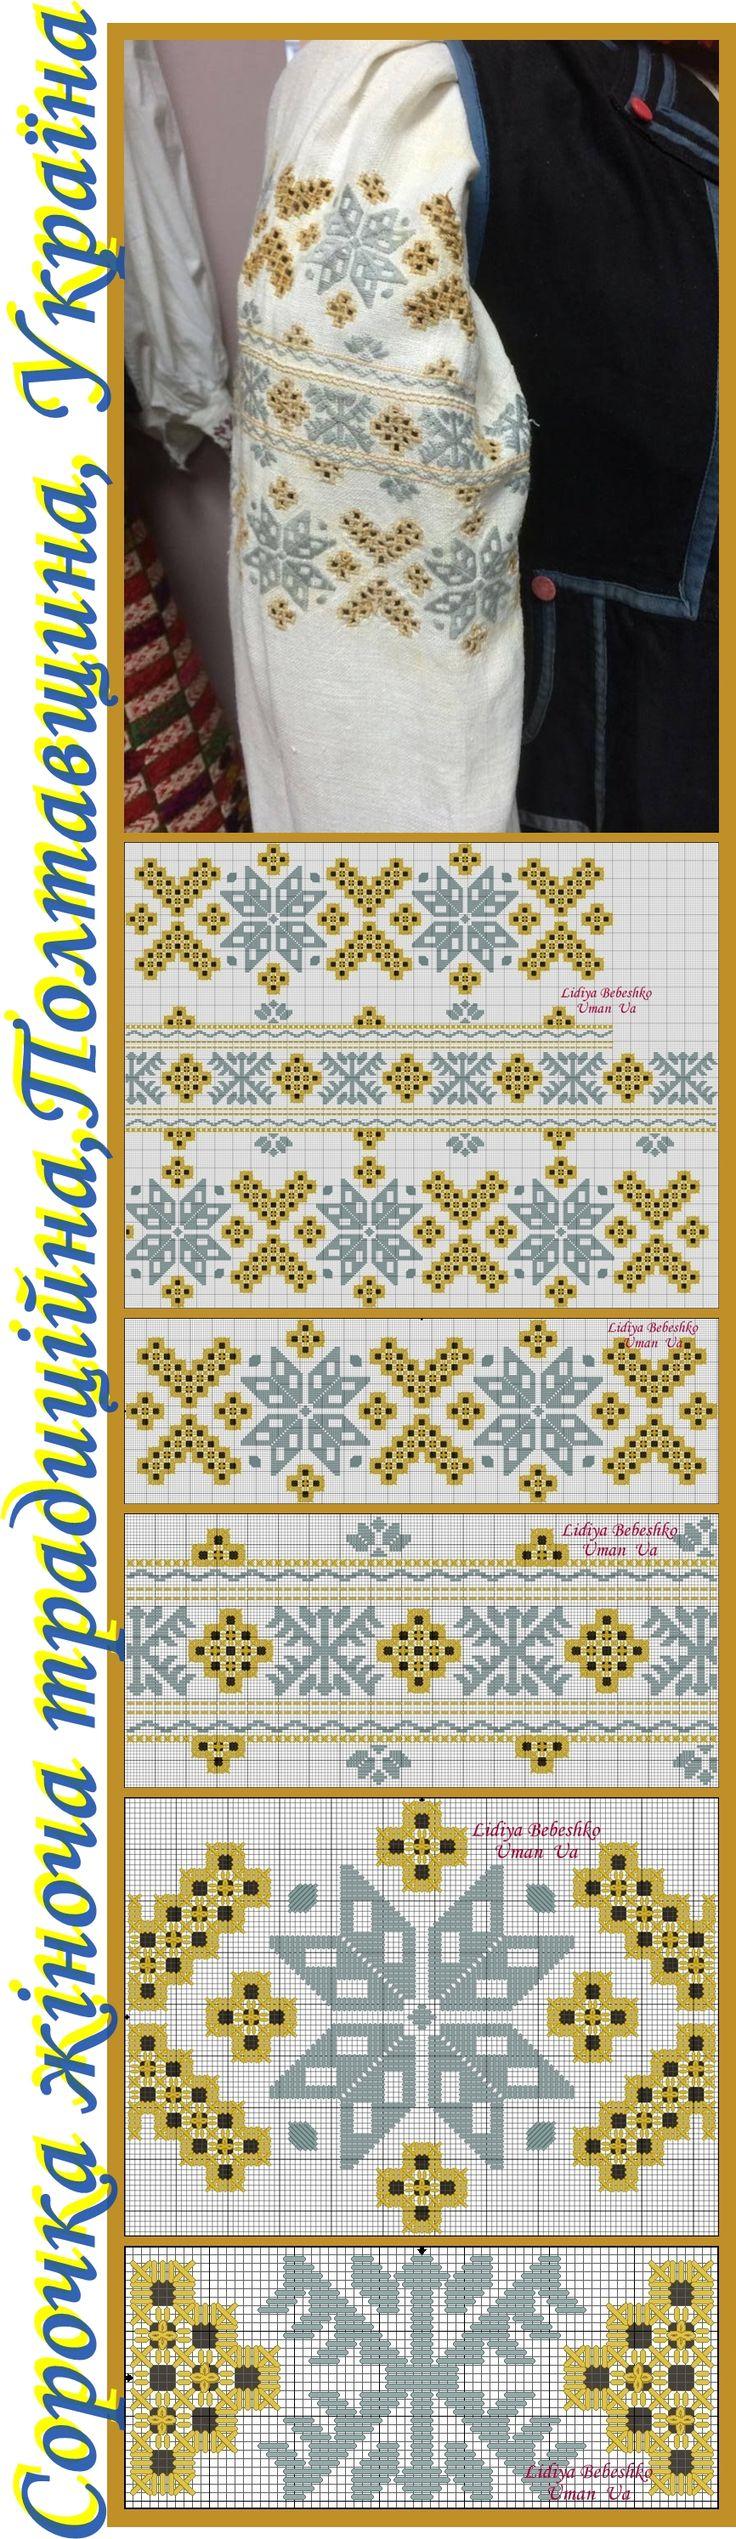 Нарукавна вишивка традиційної жіночої сорочки з Полтавщини, Україна.